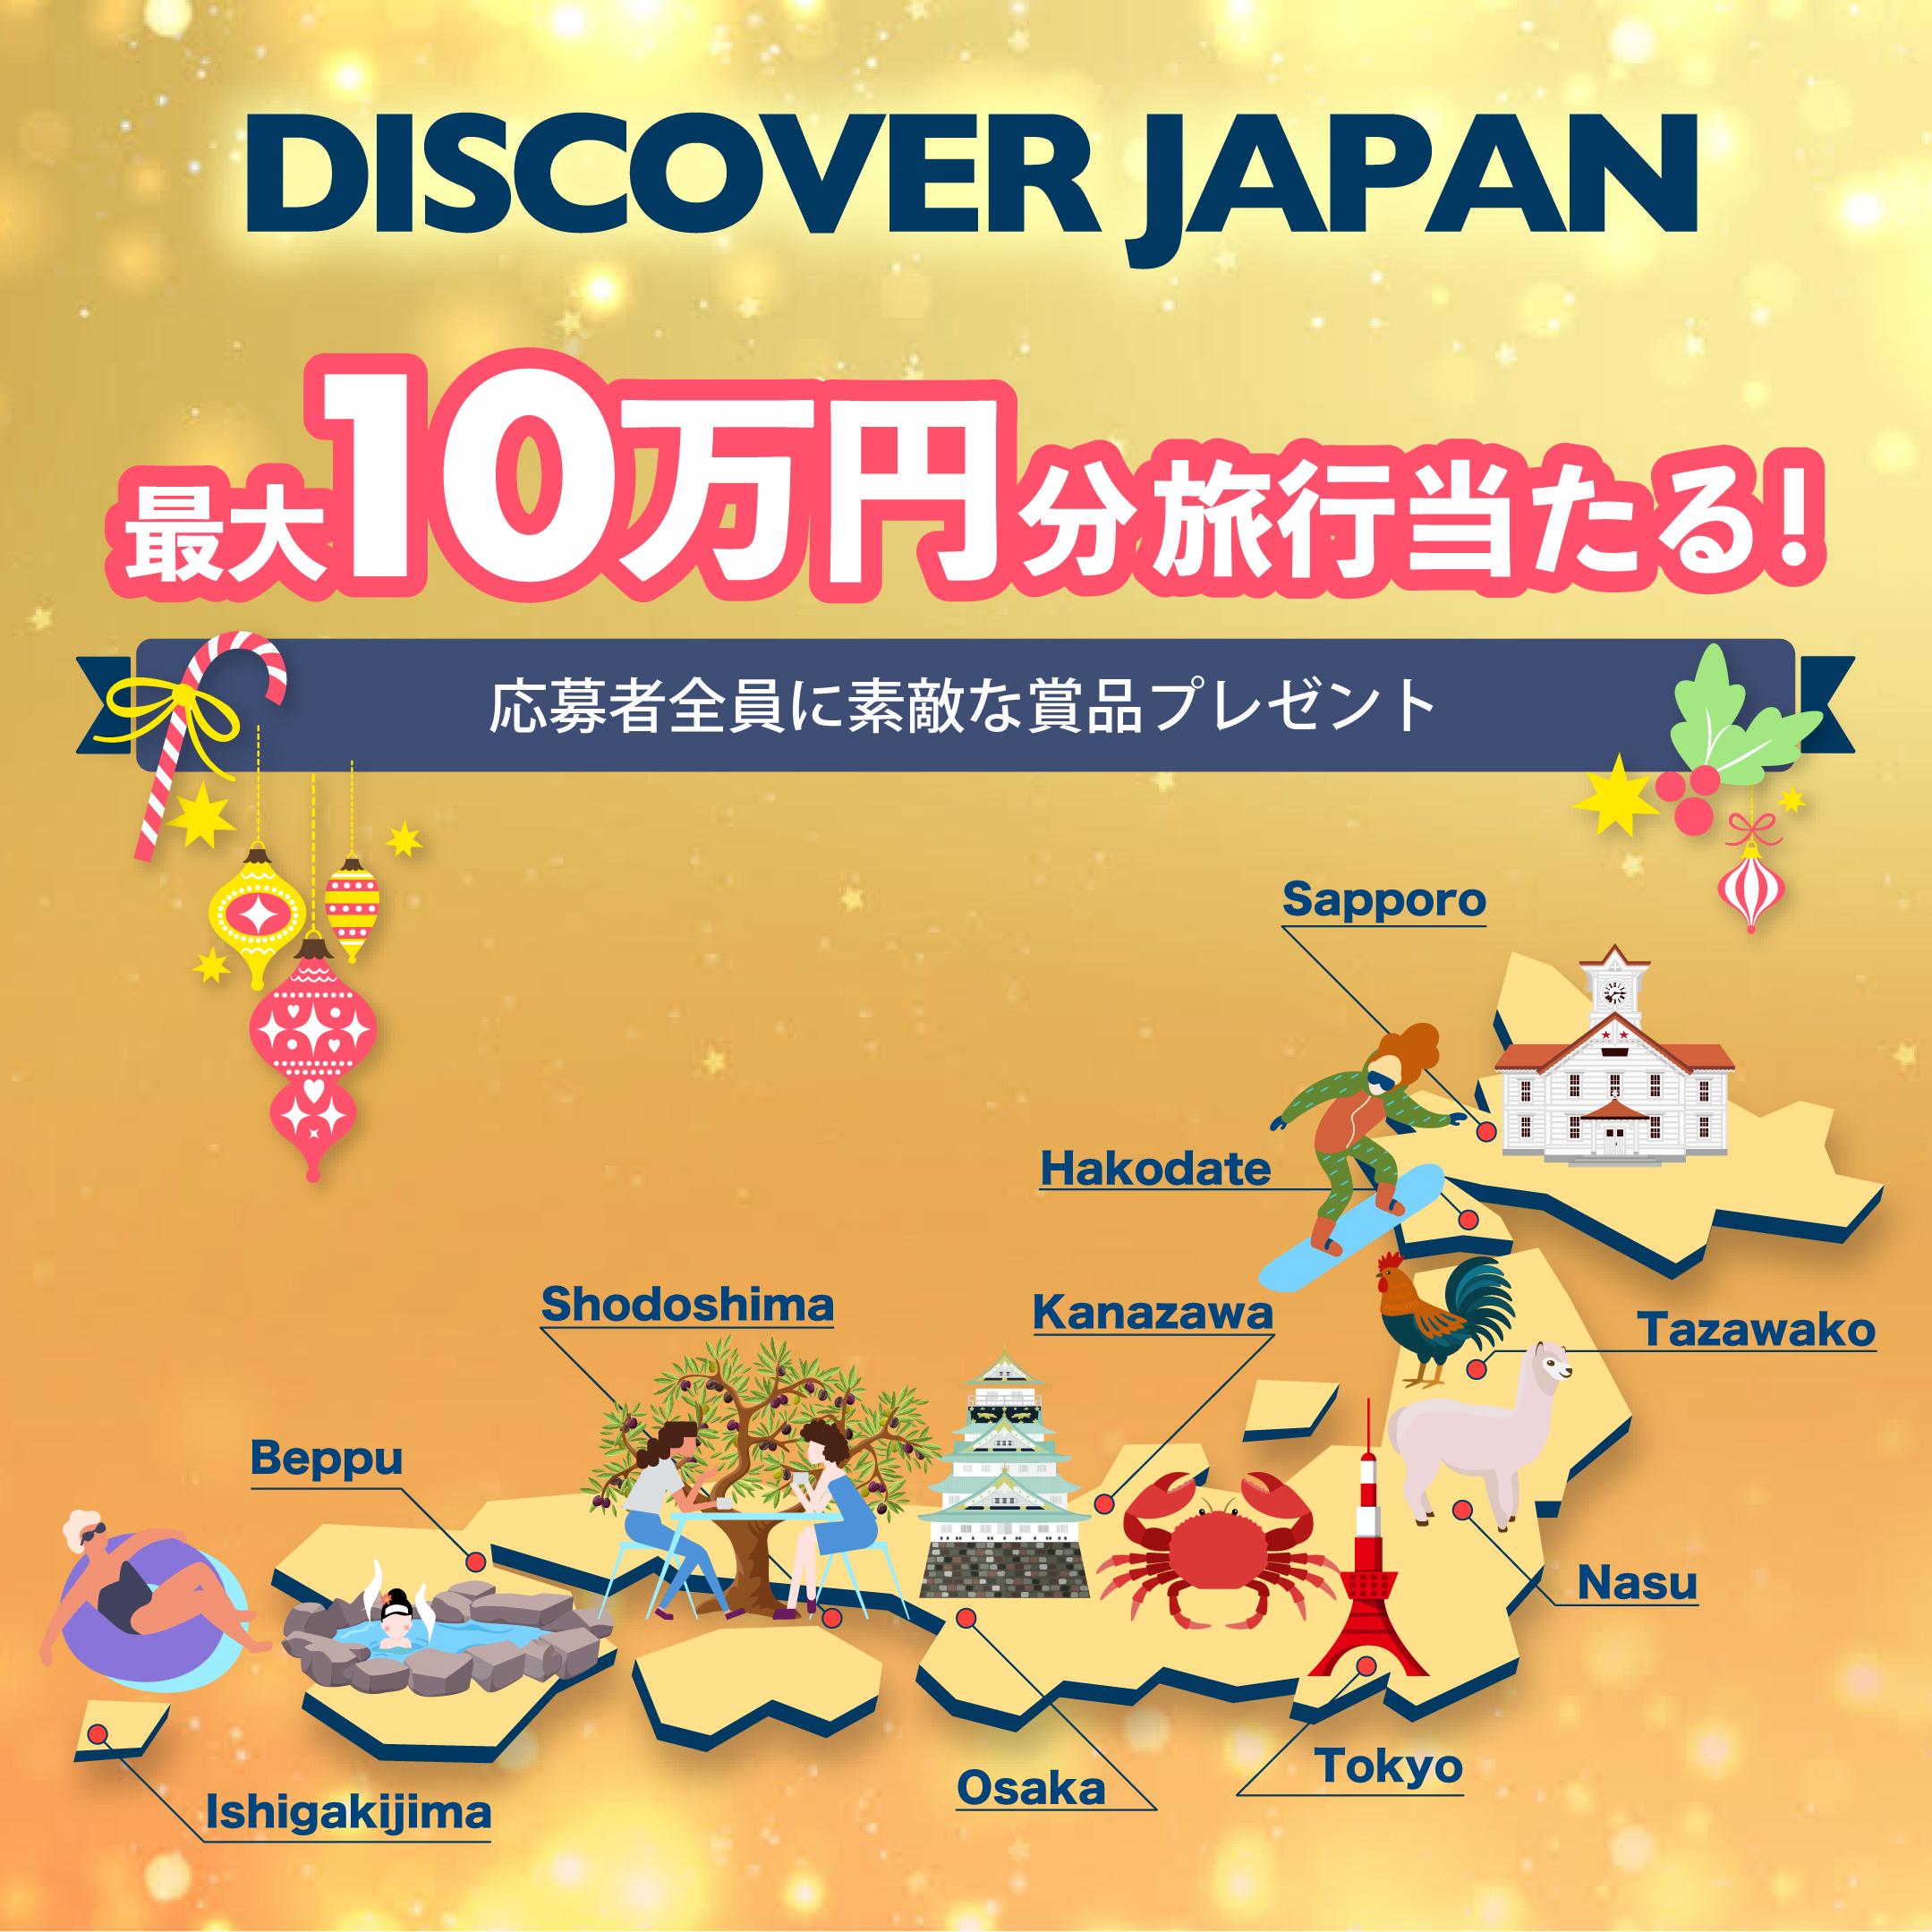 全国_ディスカバー・ジャパンキャンペーン